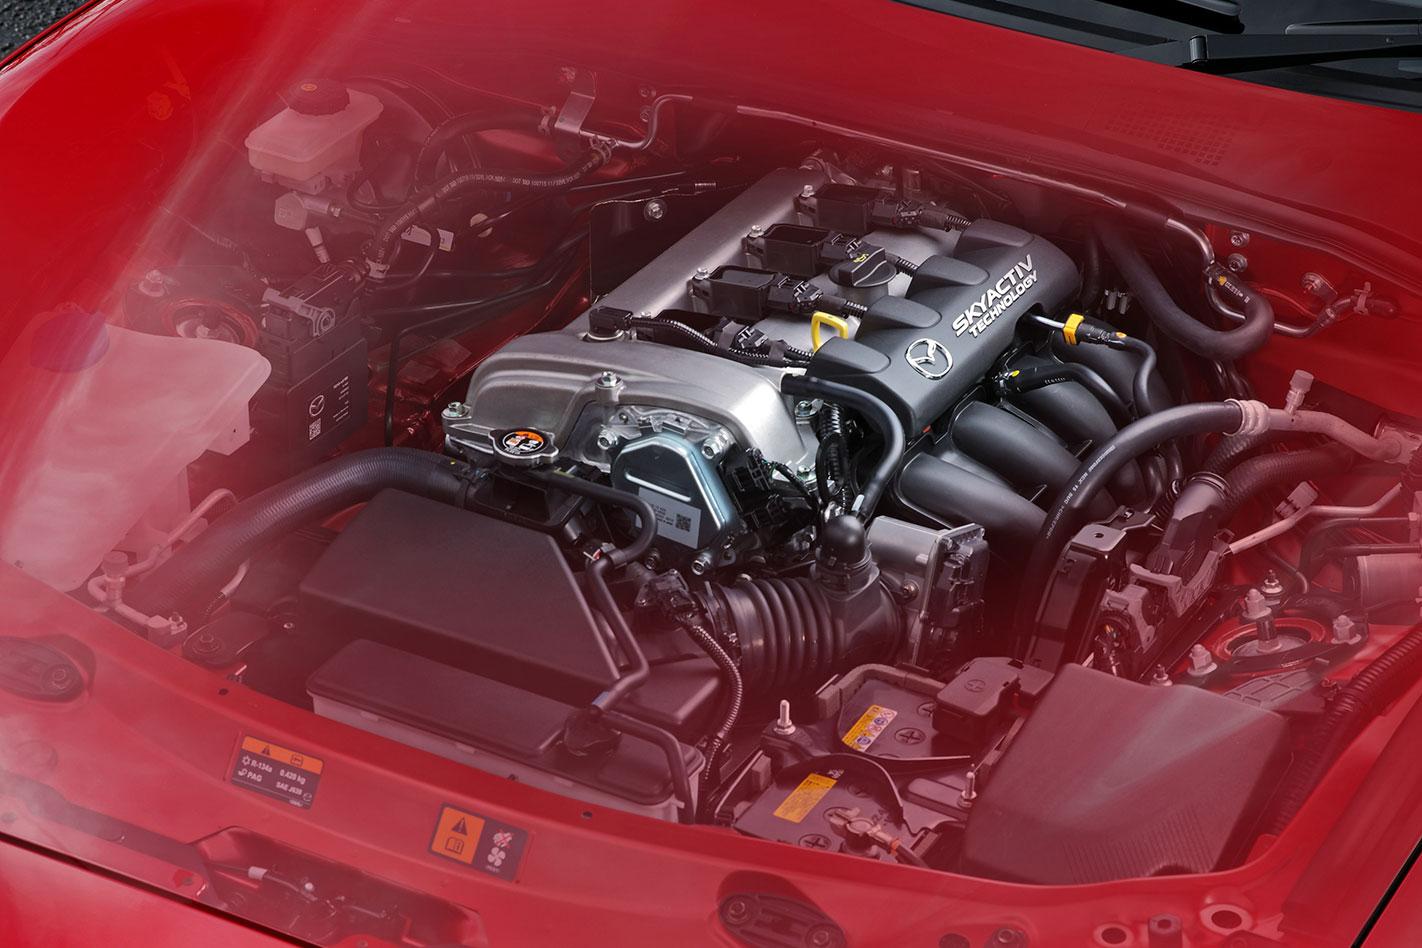 Mazda -MX-5-2.0-litre -engine